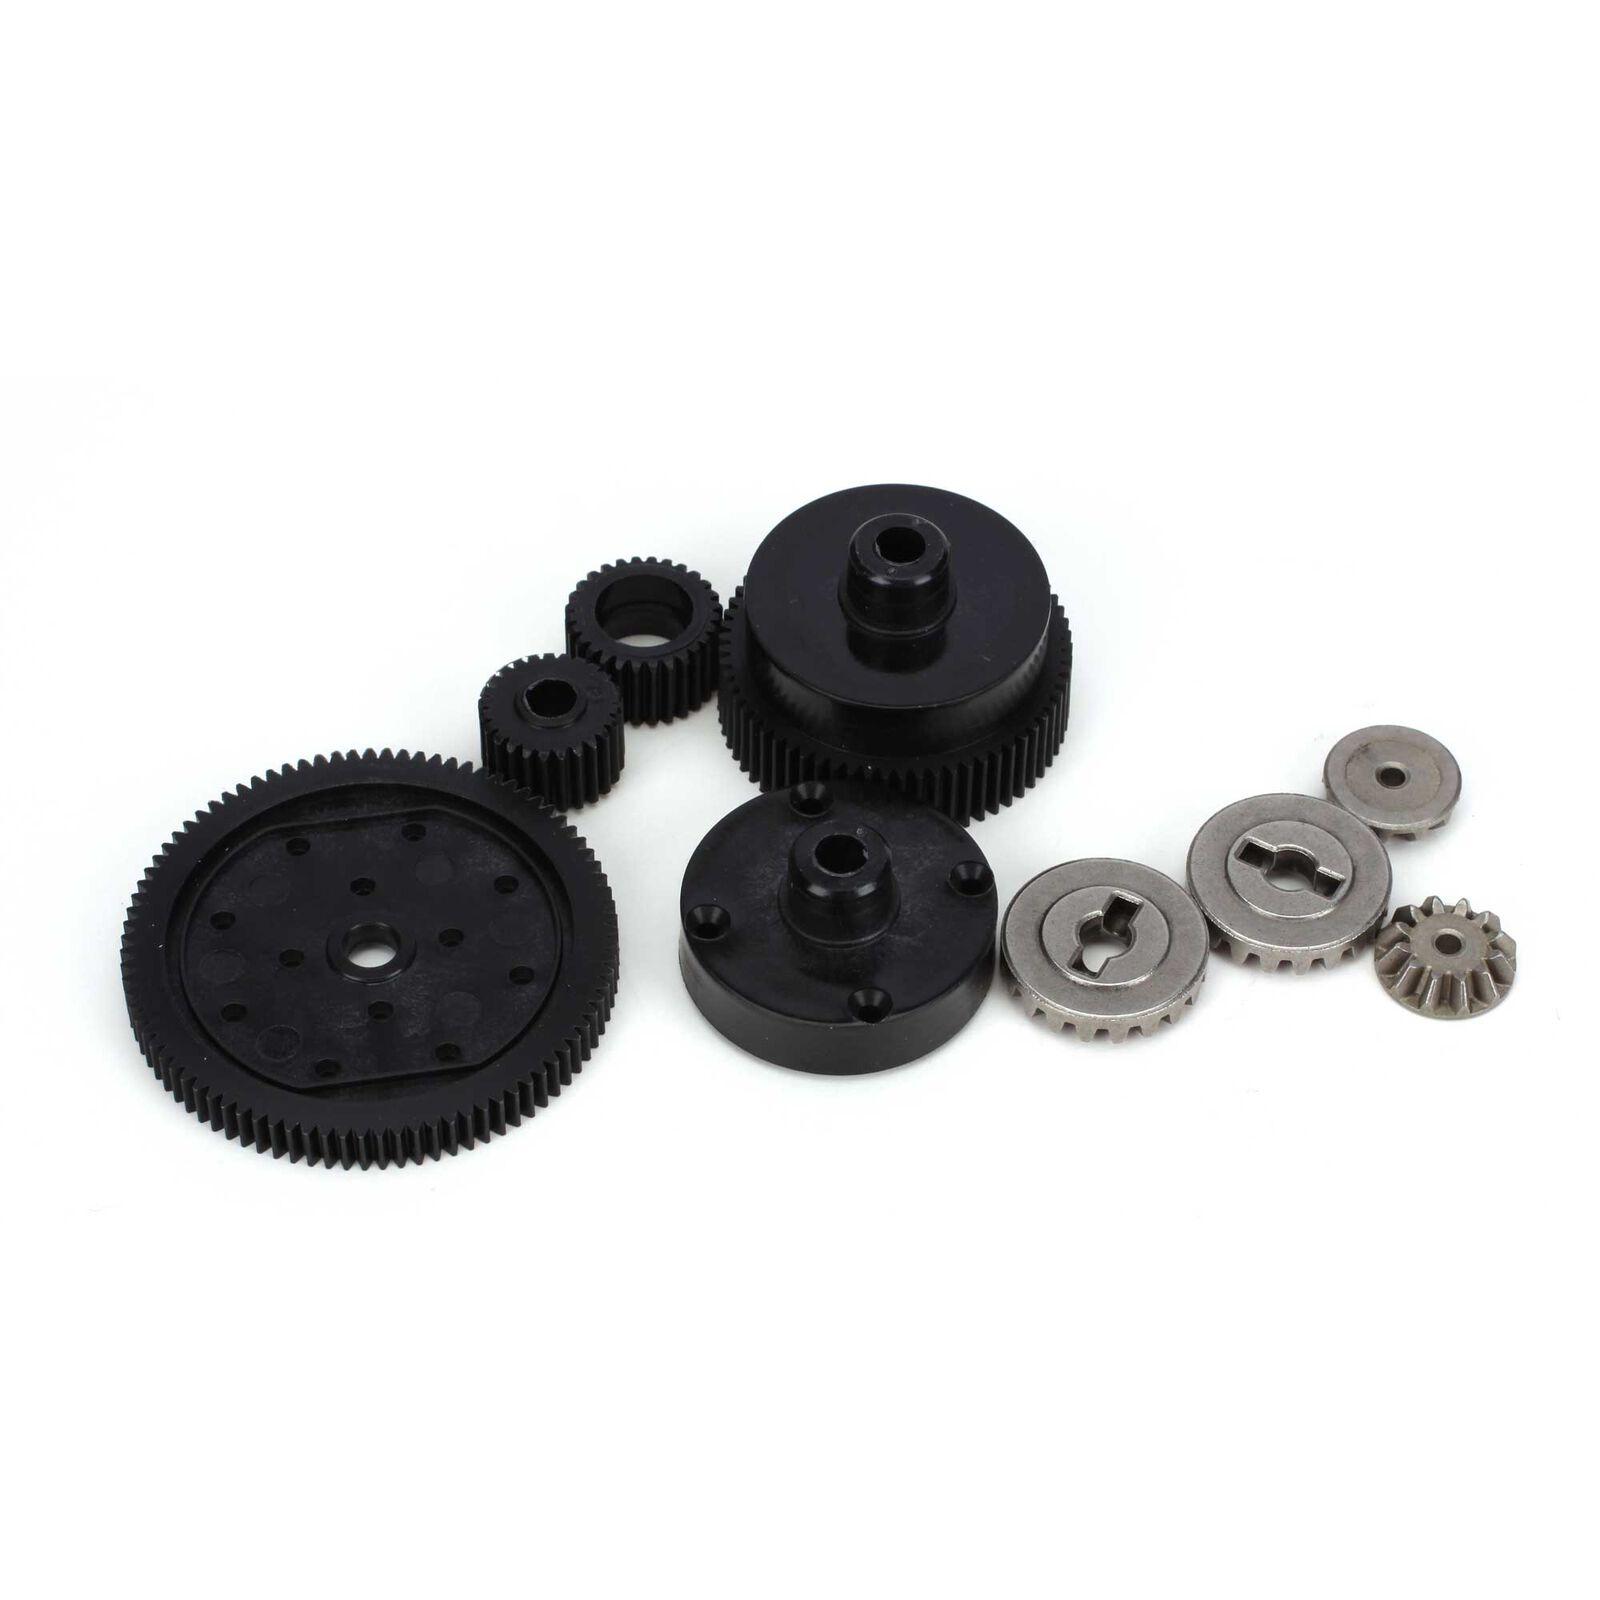 Transmission Plastic Gear Set: All ECX 1/10 2WD